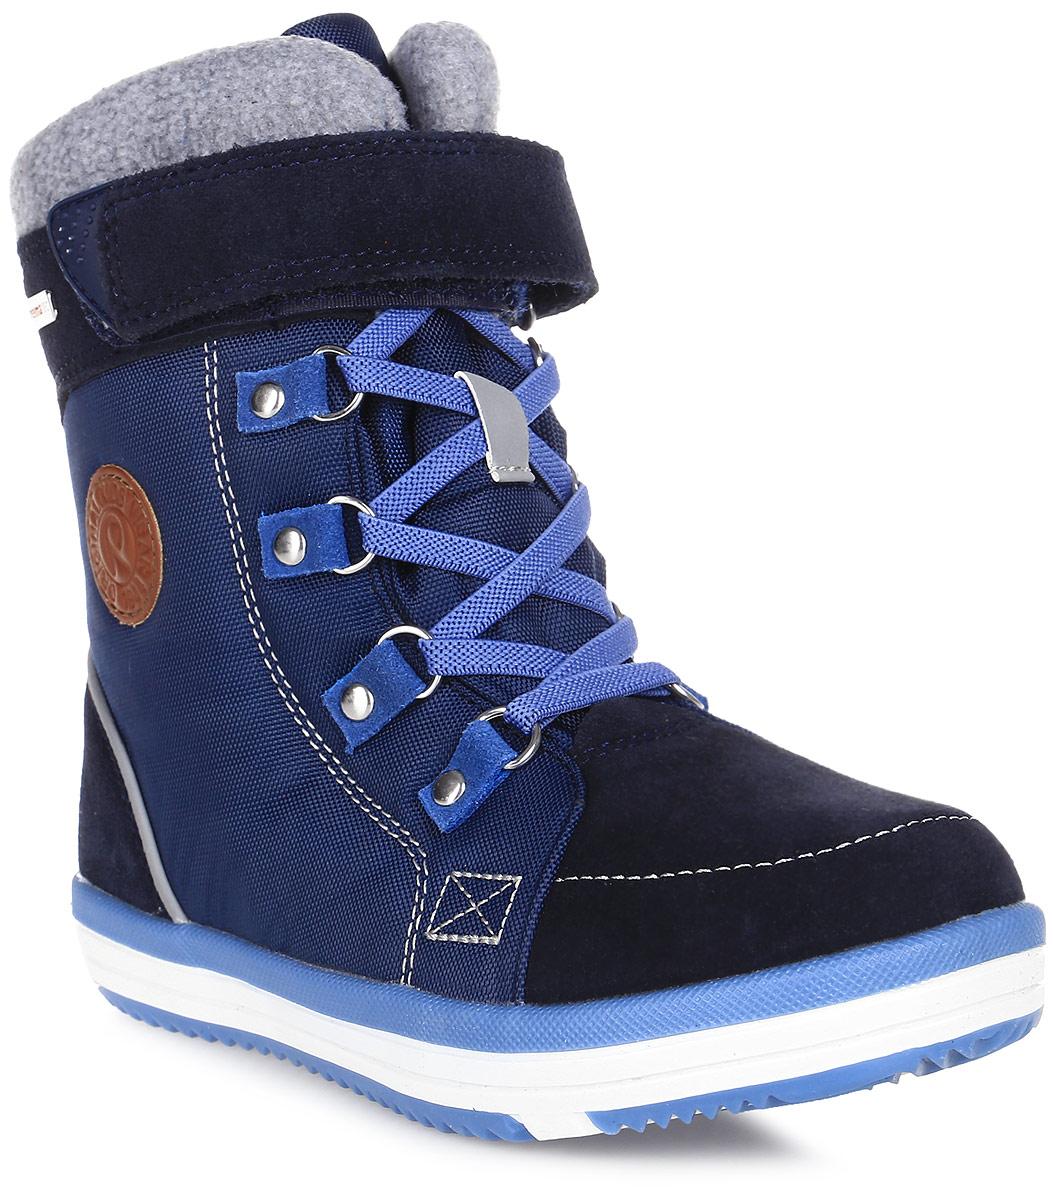 Ботинки детские Reima Freddo, цвет: синий. 5693206980. Размер 295693206980Детские ботинки Reima Freddo полностью непромокаемые, станут отличным вариантом как для прогулок по городу, так и для веселых игр на улице. Верх изготовлен из очень красивой телячьей замши и текстиля, а подошва из термопластичной резины обеспечивает хорошее сцепление на любой поверхности. Рисунок Happy Fit на съемных фетровых стельках поможет подобрать нужный размер, а теплый фетр согреет ножки в холодную погоду.